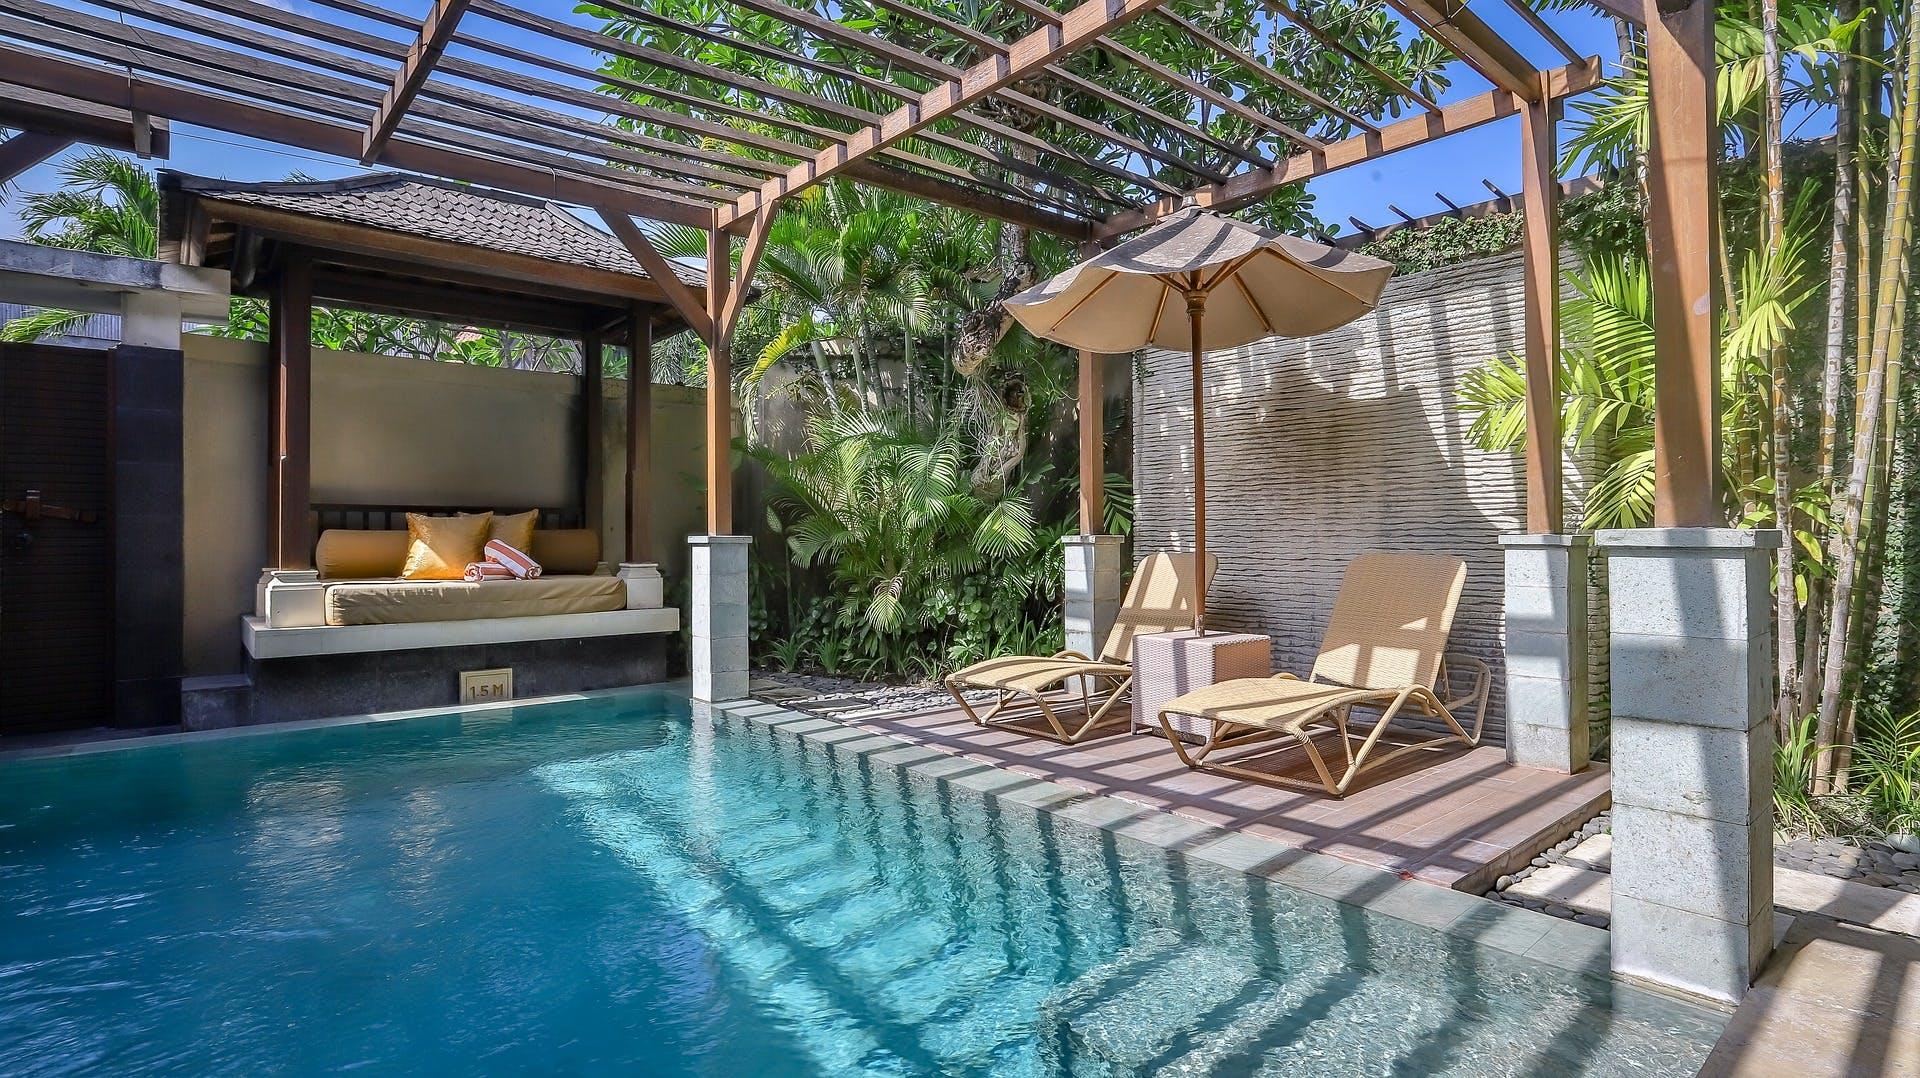 Architecture Internships in Bali